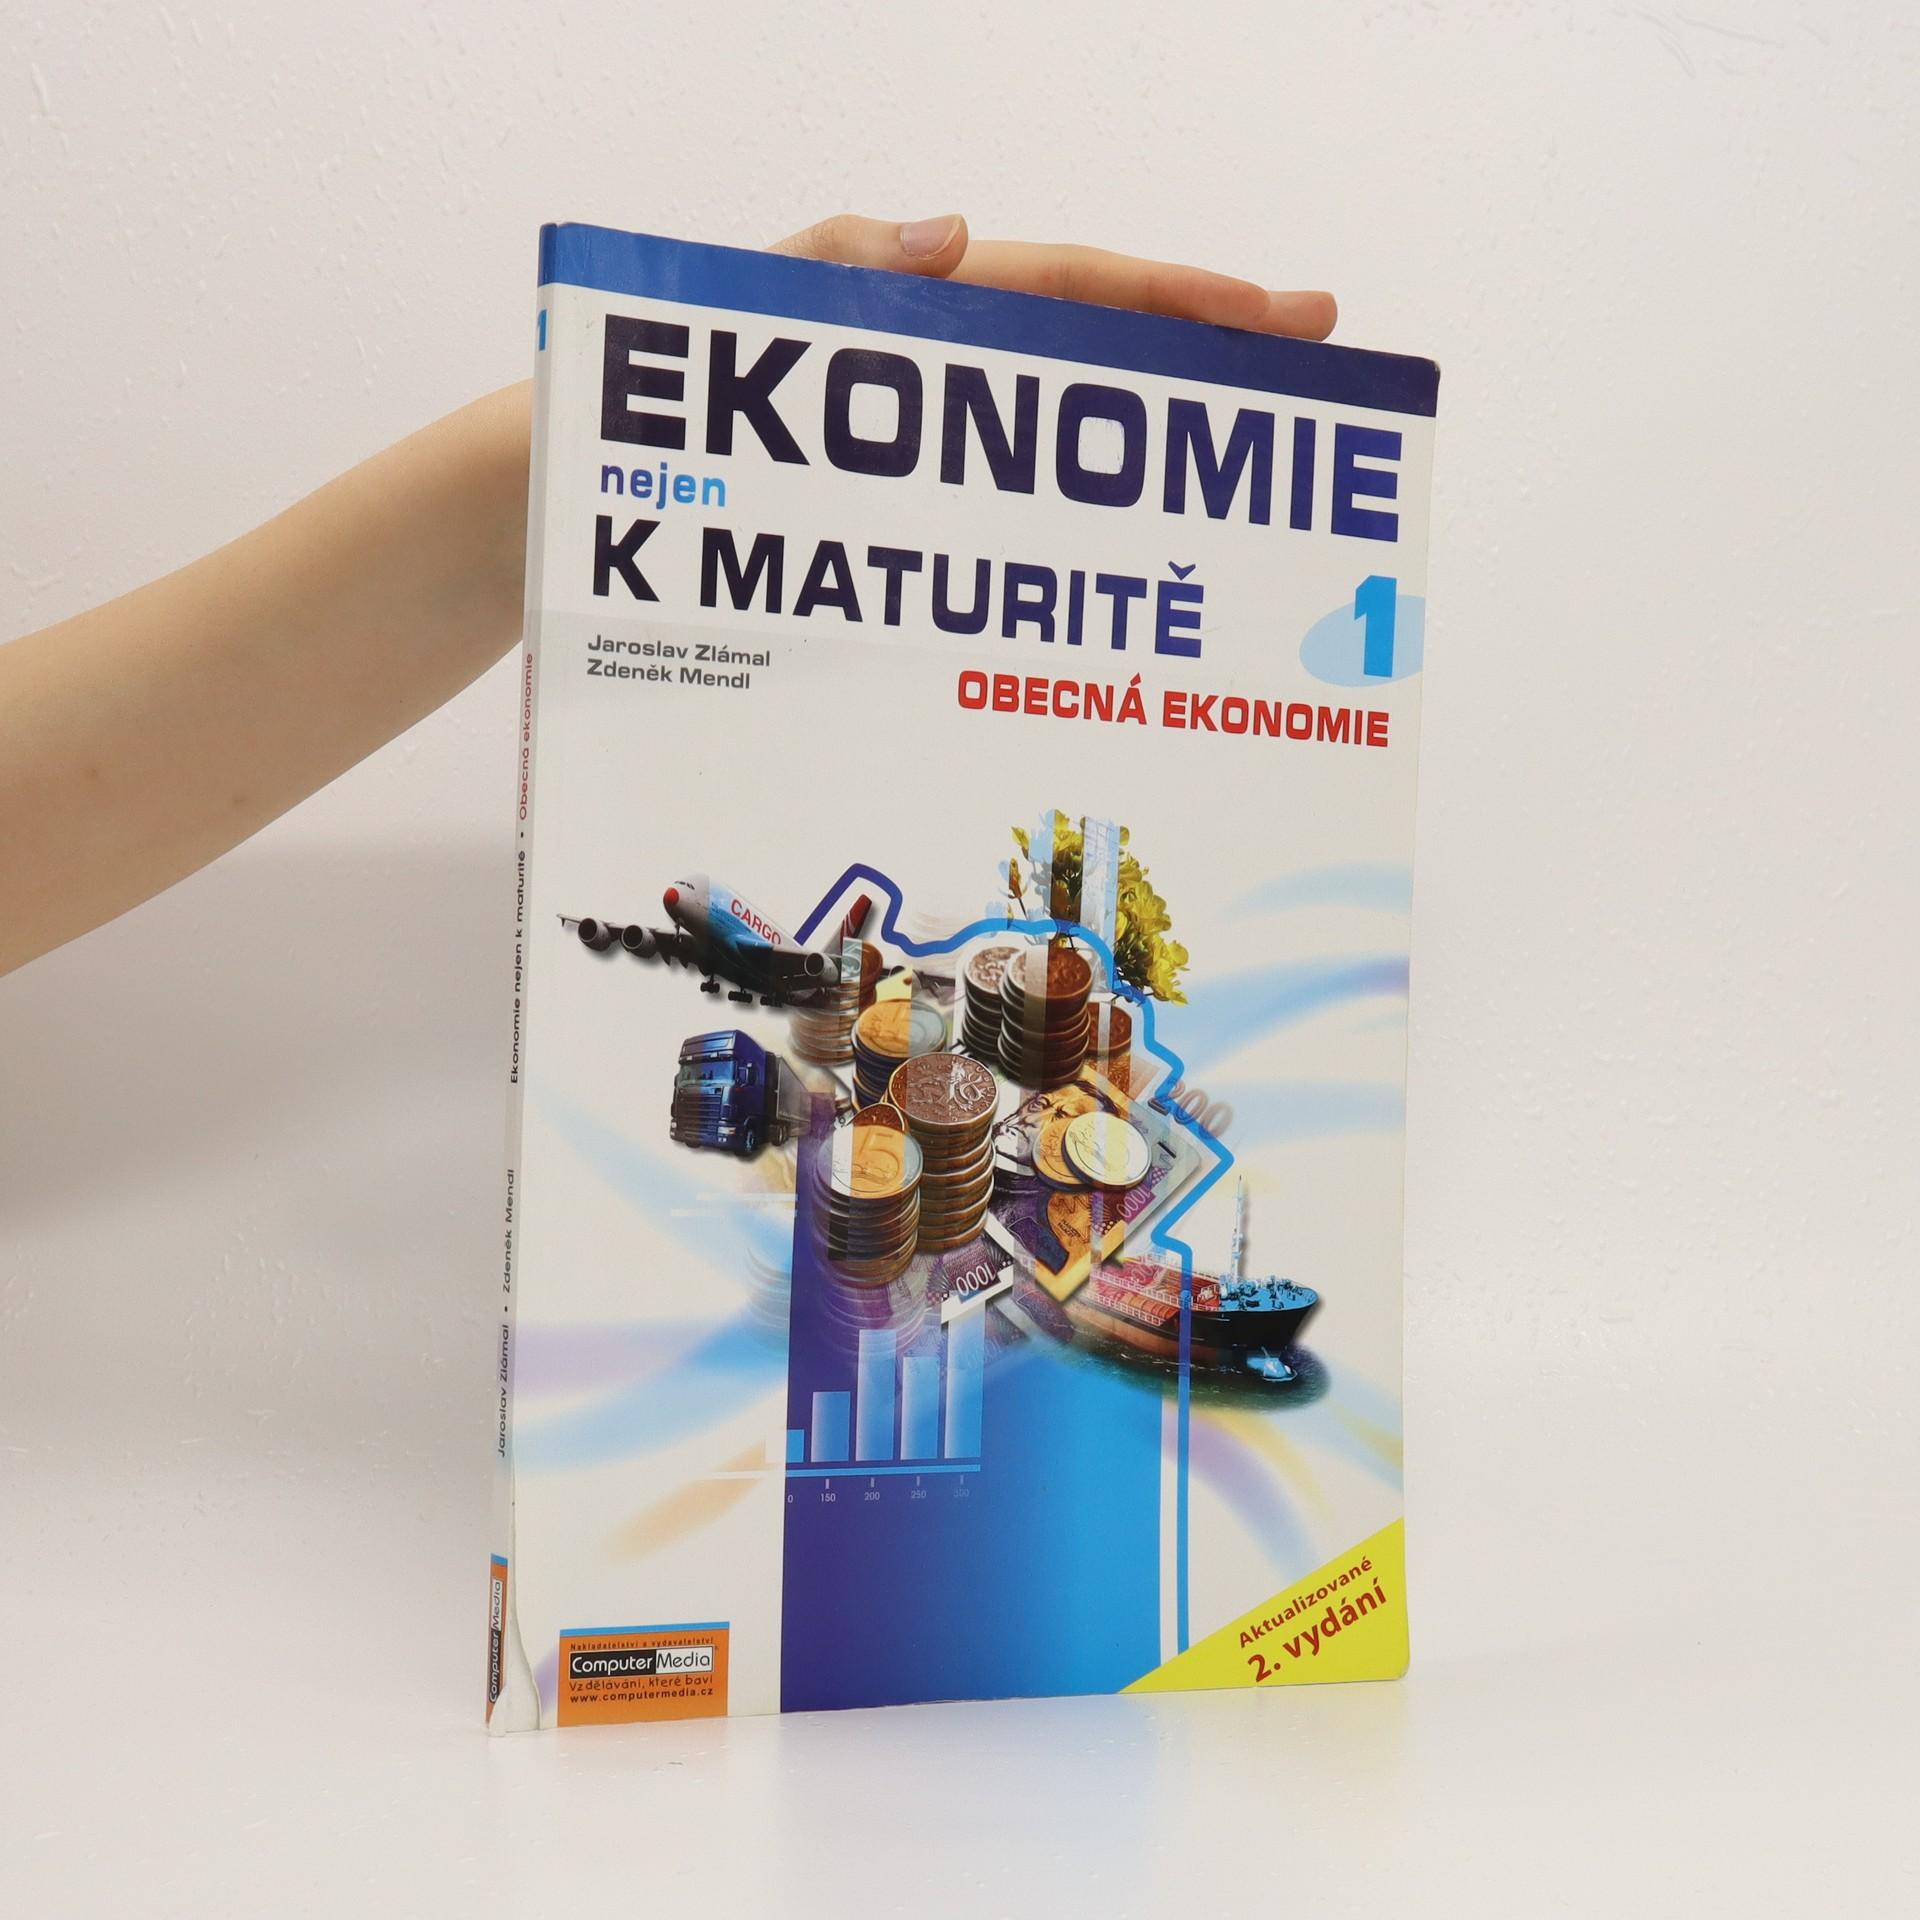 antikvární kniha Ekonomie nejen k maturitě. 1. díl, Obecná ekonomie, 2008